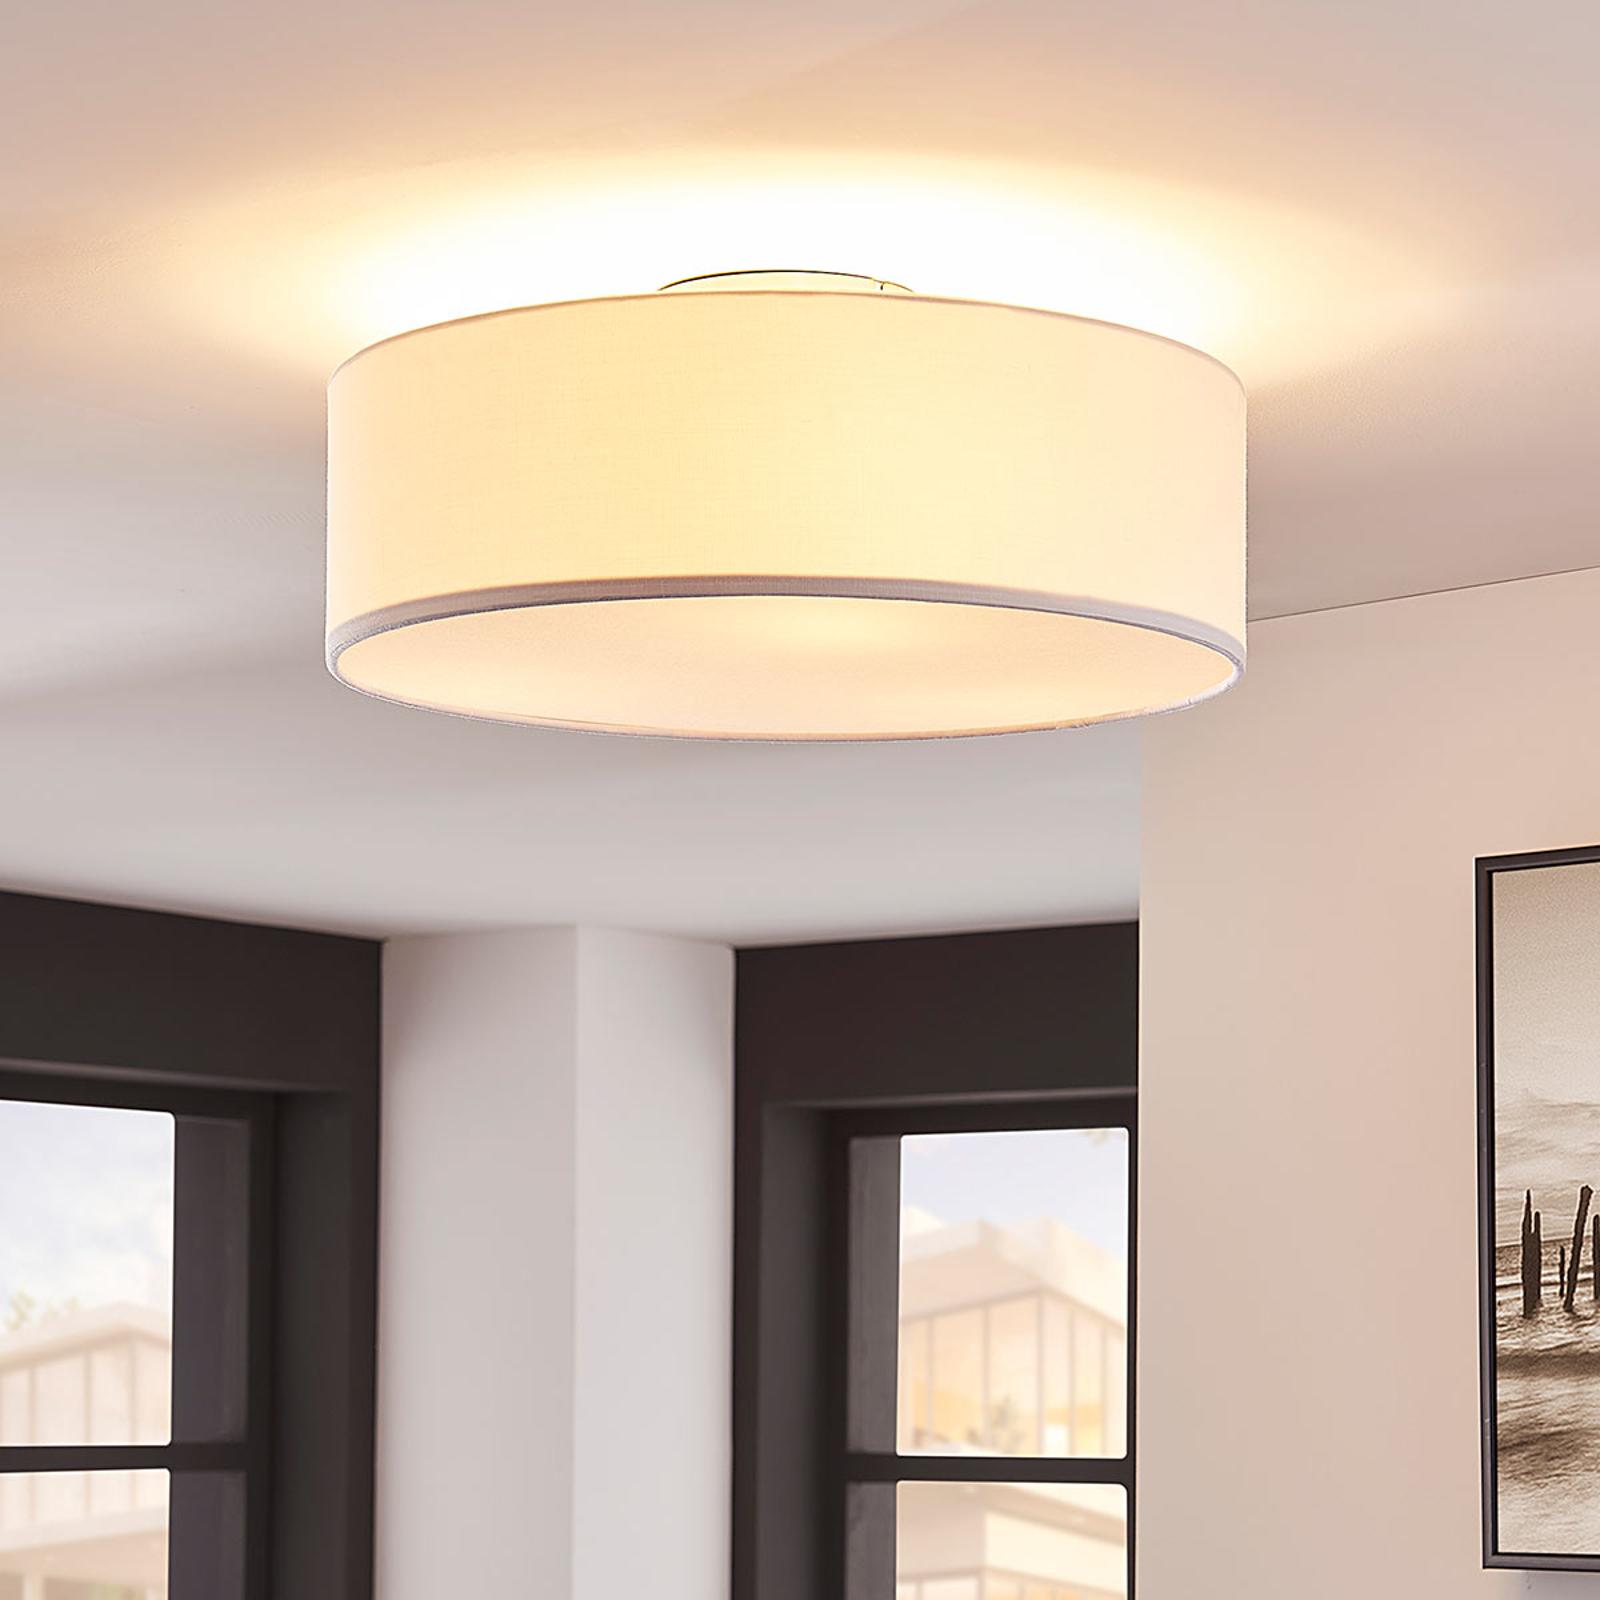 Stropní osvětlení Sebatin, 40 cm, bílé